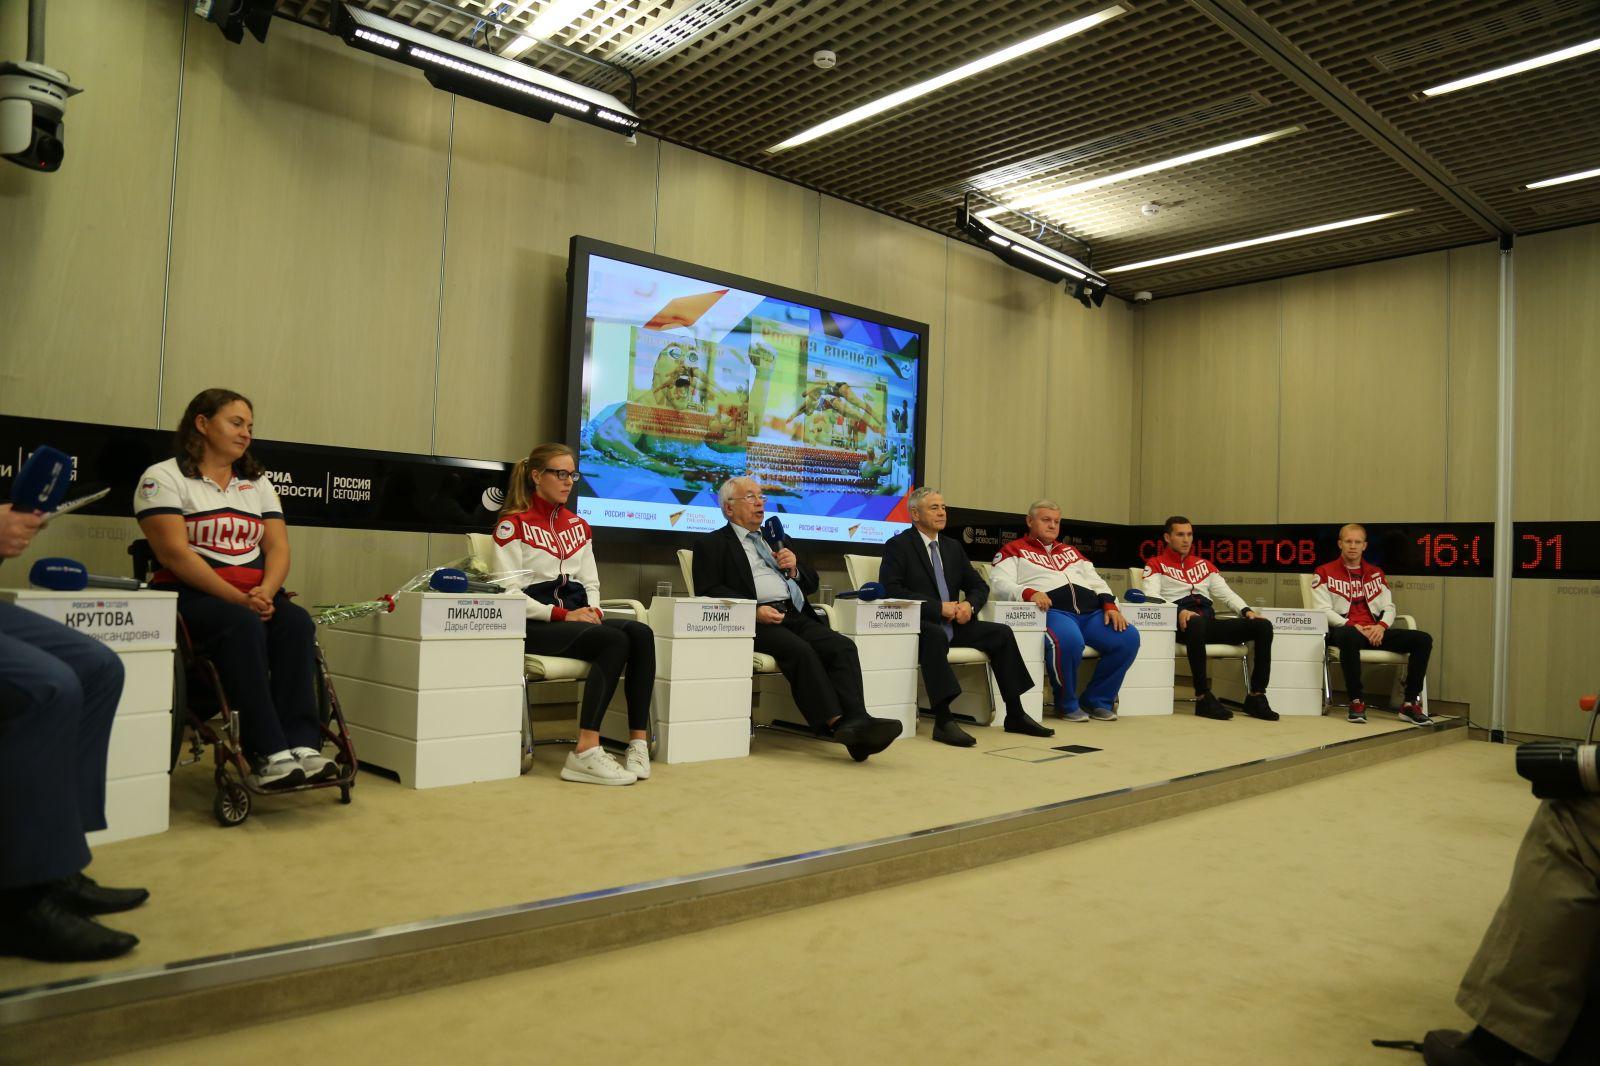 ПКР в ММПЦ «Россия сегодня» провел пресс-конференцию, посвященную 1 году до начала XVI Паралимпийских летних игр 2020 года в г. Токио (Япония)